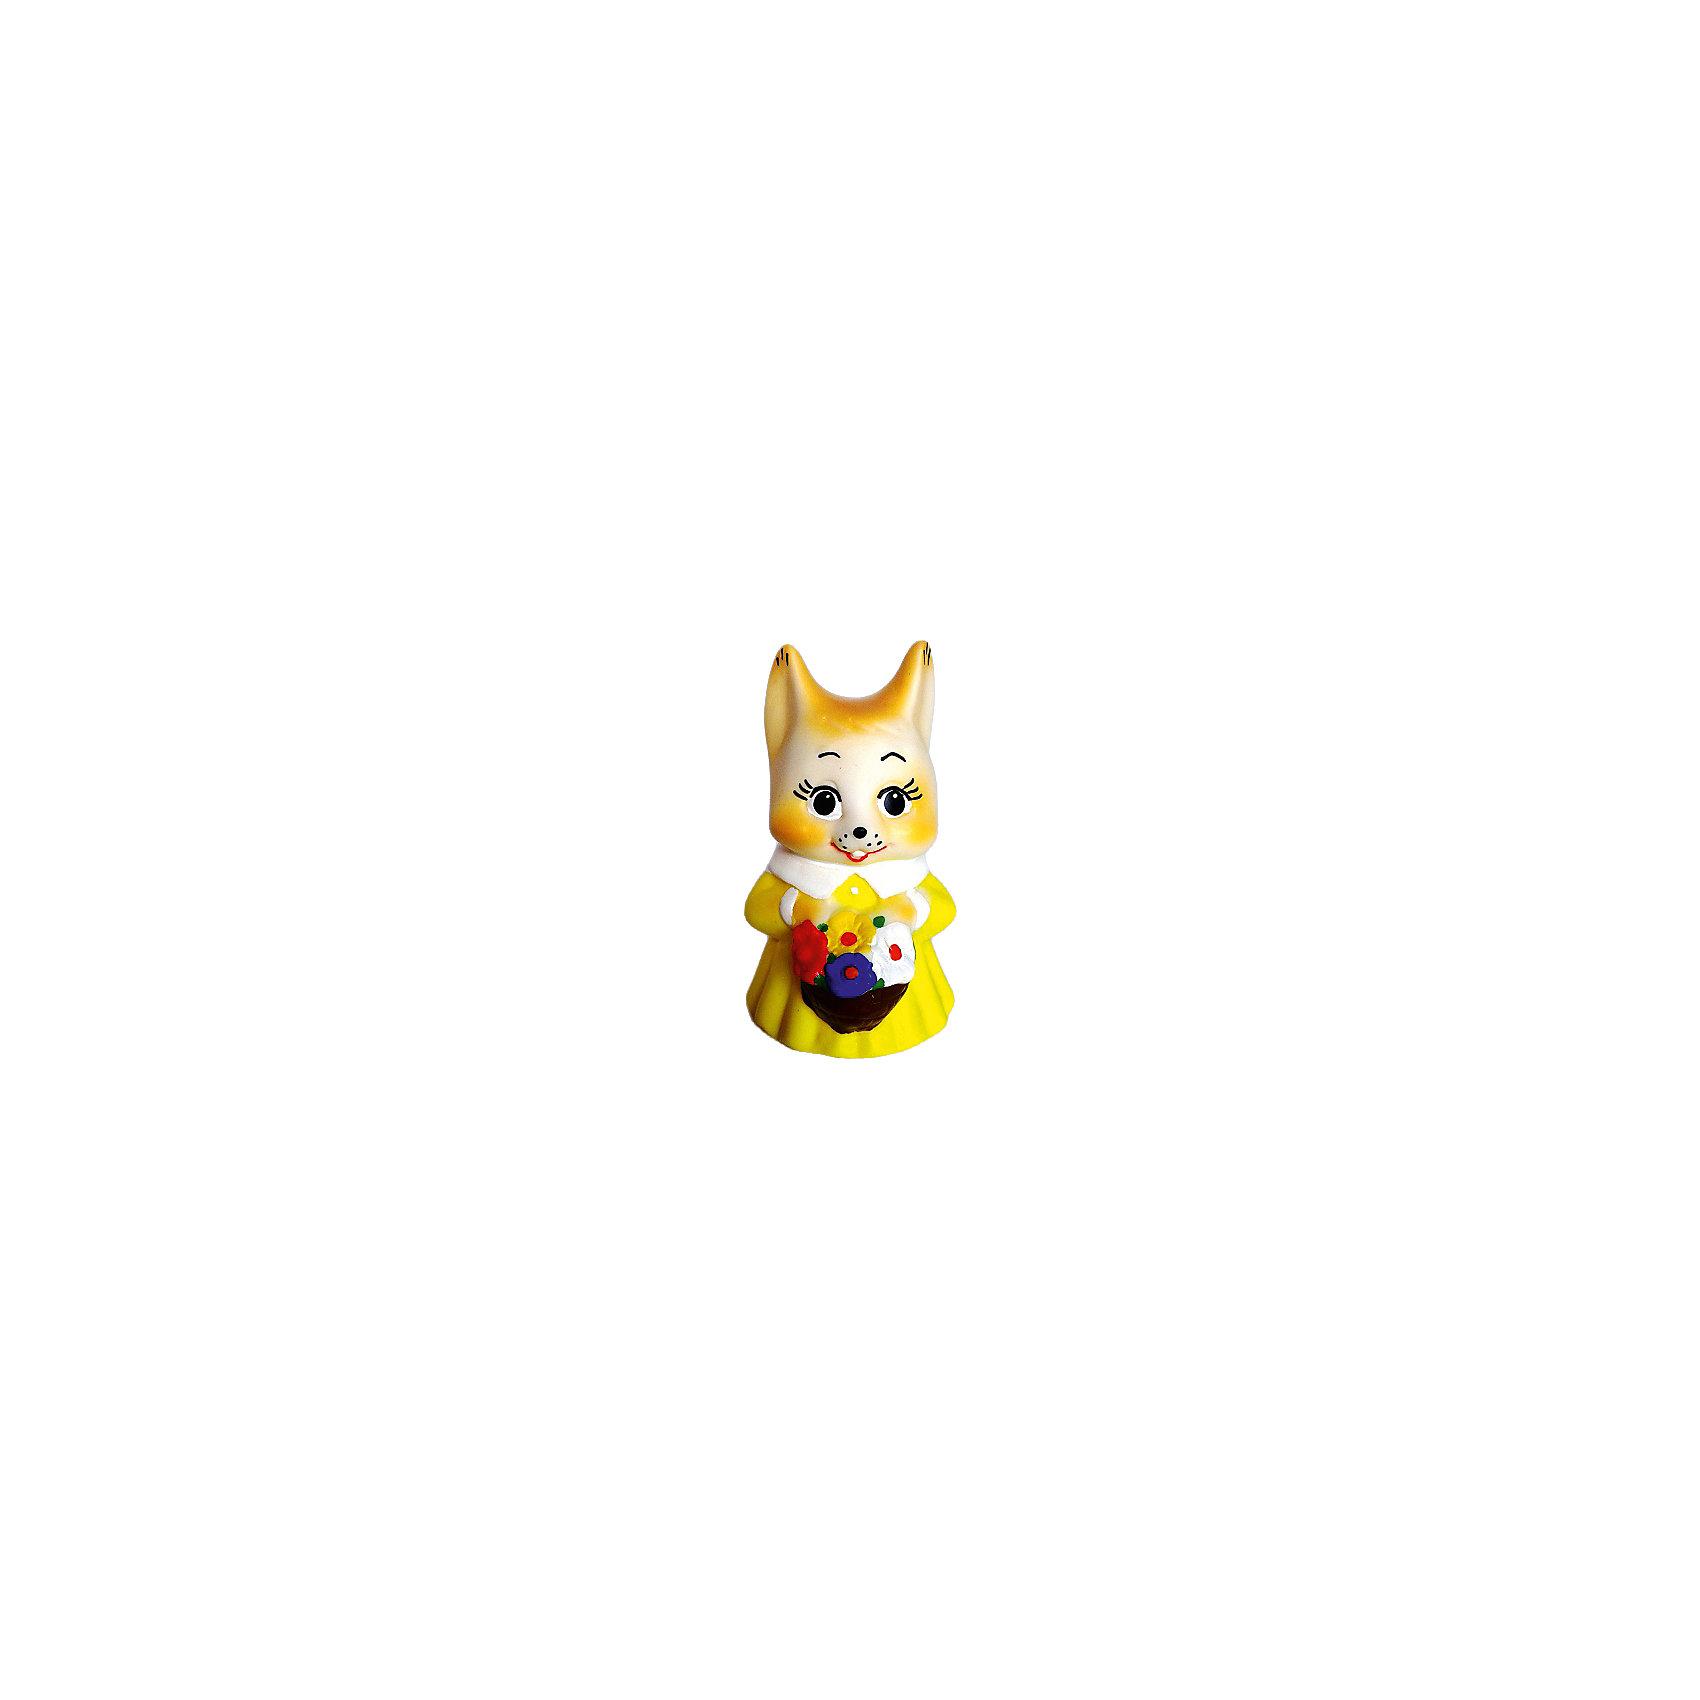 Белочка с подарком, КудесникиБелочка с подарком, Кудесники<br><br>Характеристики:<br><br>• Материал: ПВХ.<br>• Размер: 14 см.<br>• Вес: 65г.<br> <br>Отличная игрушка из мягкого ПВХ надолго займет внимания вашего малыша. Эта игрушка поможет малышу при прорезывании зубов, поможет развивать моторику рук, знакомить с формой, цветом, образами. Также с ней можно забавно поиграть в ванной. Яркий образ поможет ребенку придумывать различные сюжетно-ролевые игры.<br><br>Белочку с подарком, Кудесники, можно купить в нашем интернет – магазине.<br><br>Ширина мм: 60<br>Глубина мм: 50<br>Высота мм: 110<br>Вес г: 65<br>Возраст от месяцев: 12<br>Возраст до месяцев: 36<br>Пол: Унисекс<br>Возраст: Детский<br>SKU: 4896456